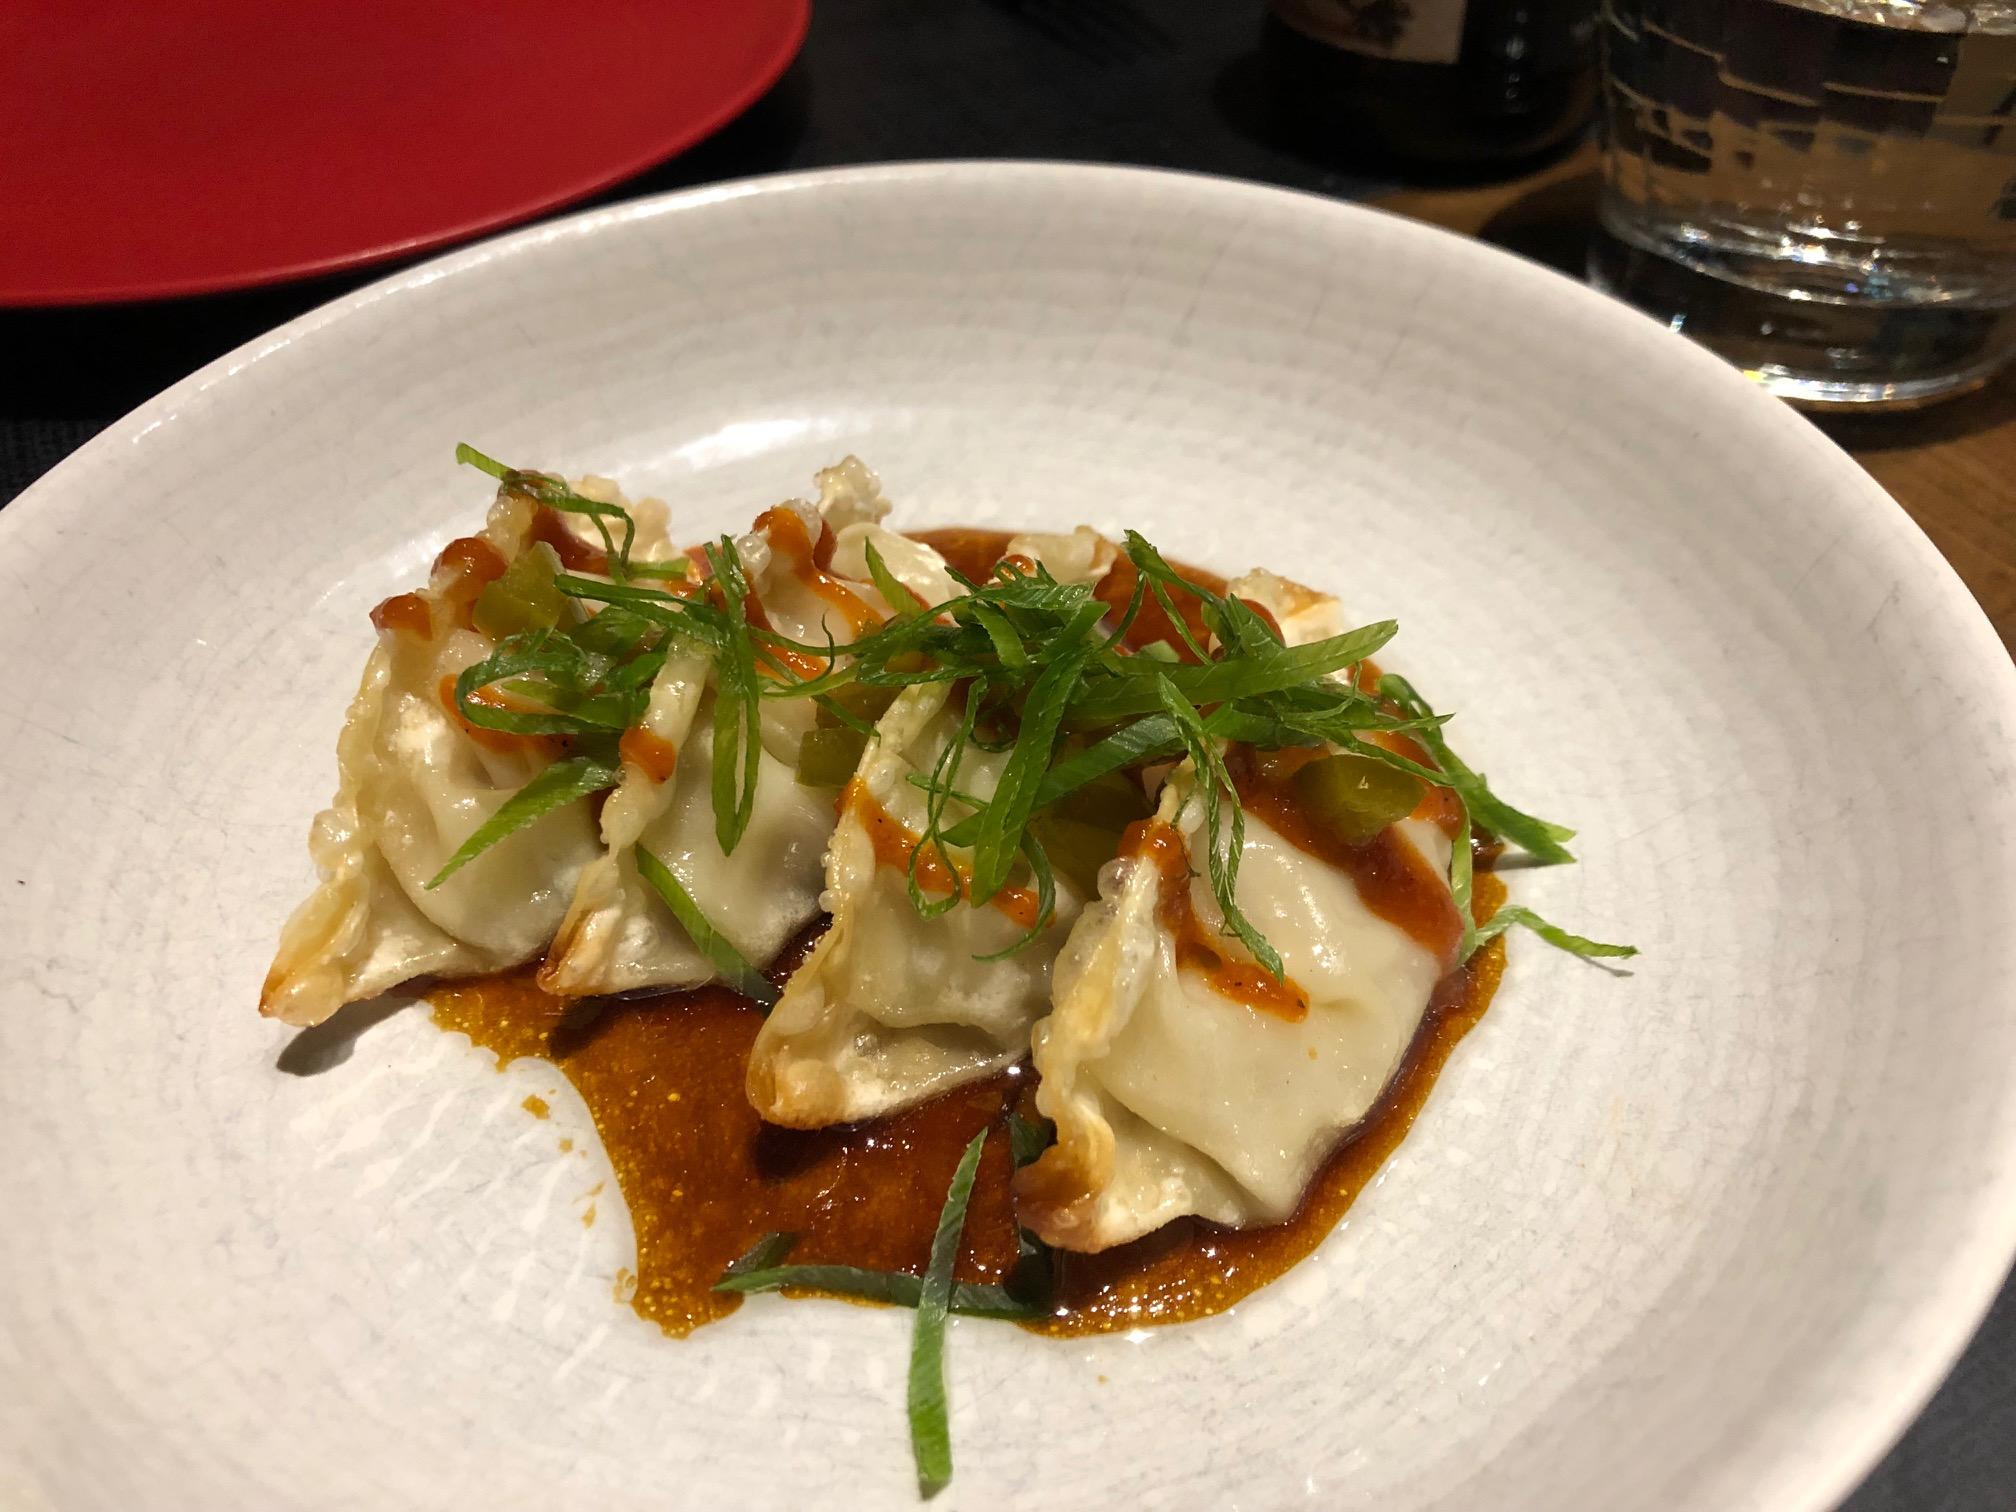 Dumpling de cerdo asado con hoisin de pimiento asado, cebolleta china y yuzu-ponzu